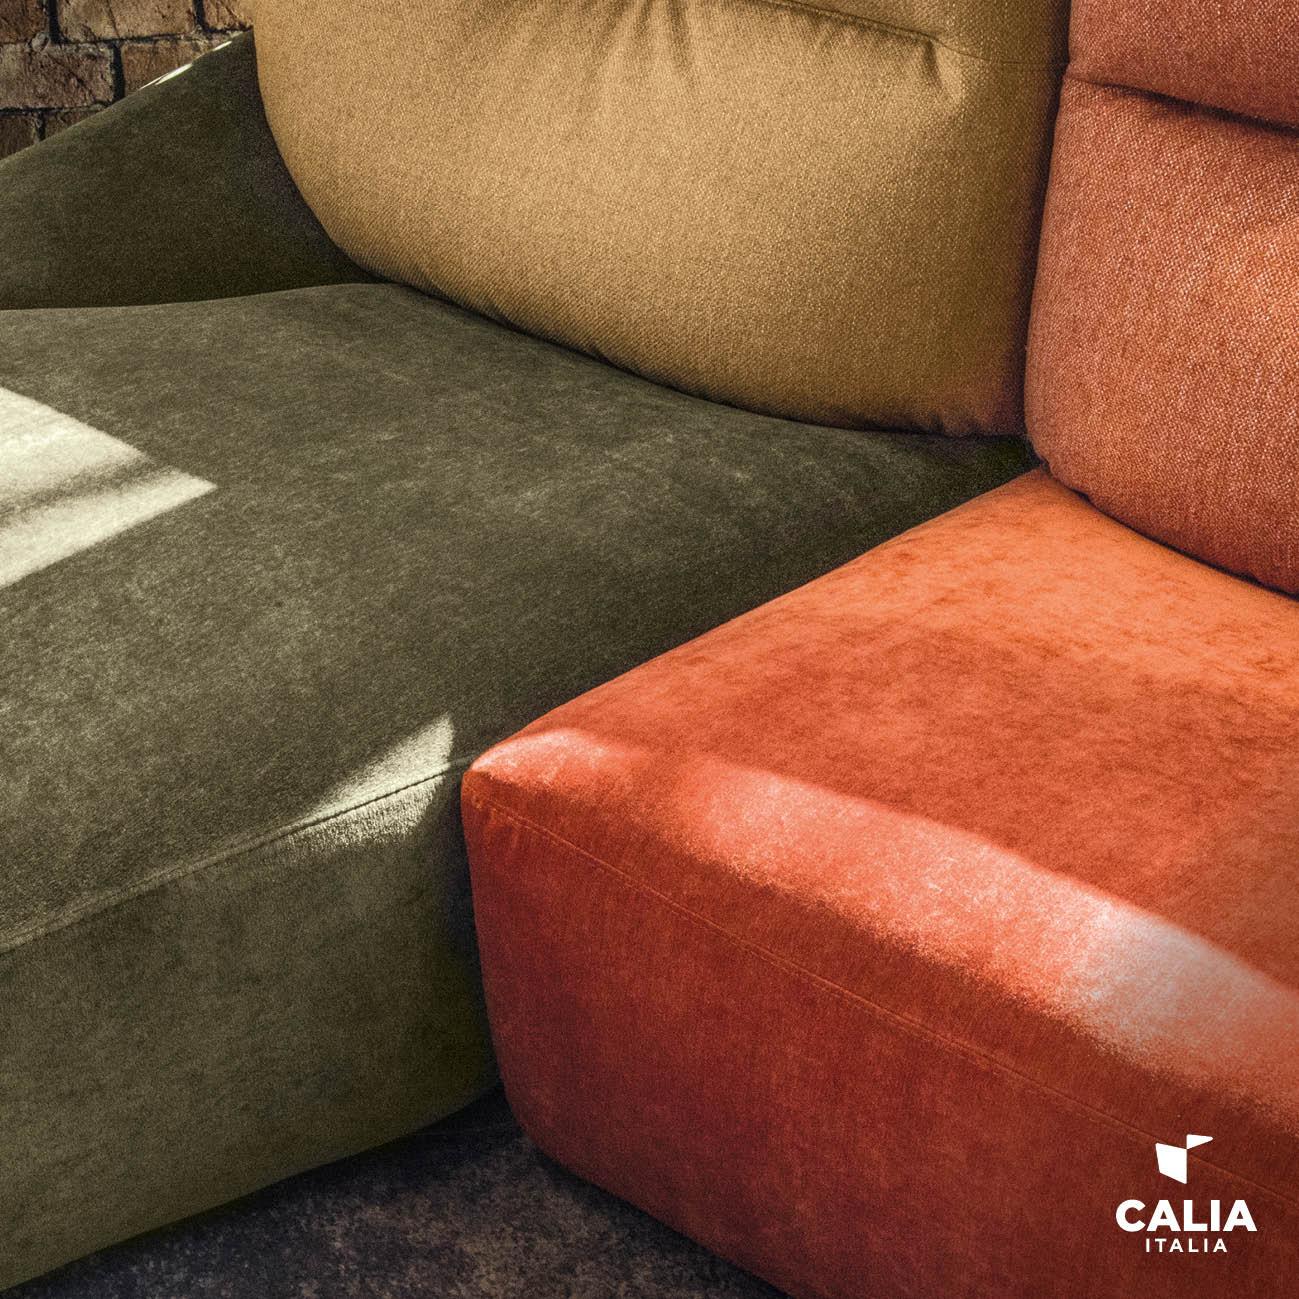 Caliaitalia - Eliseo